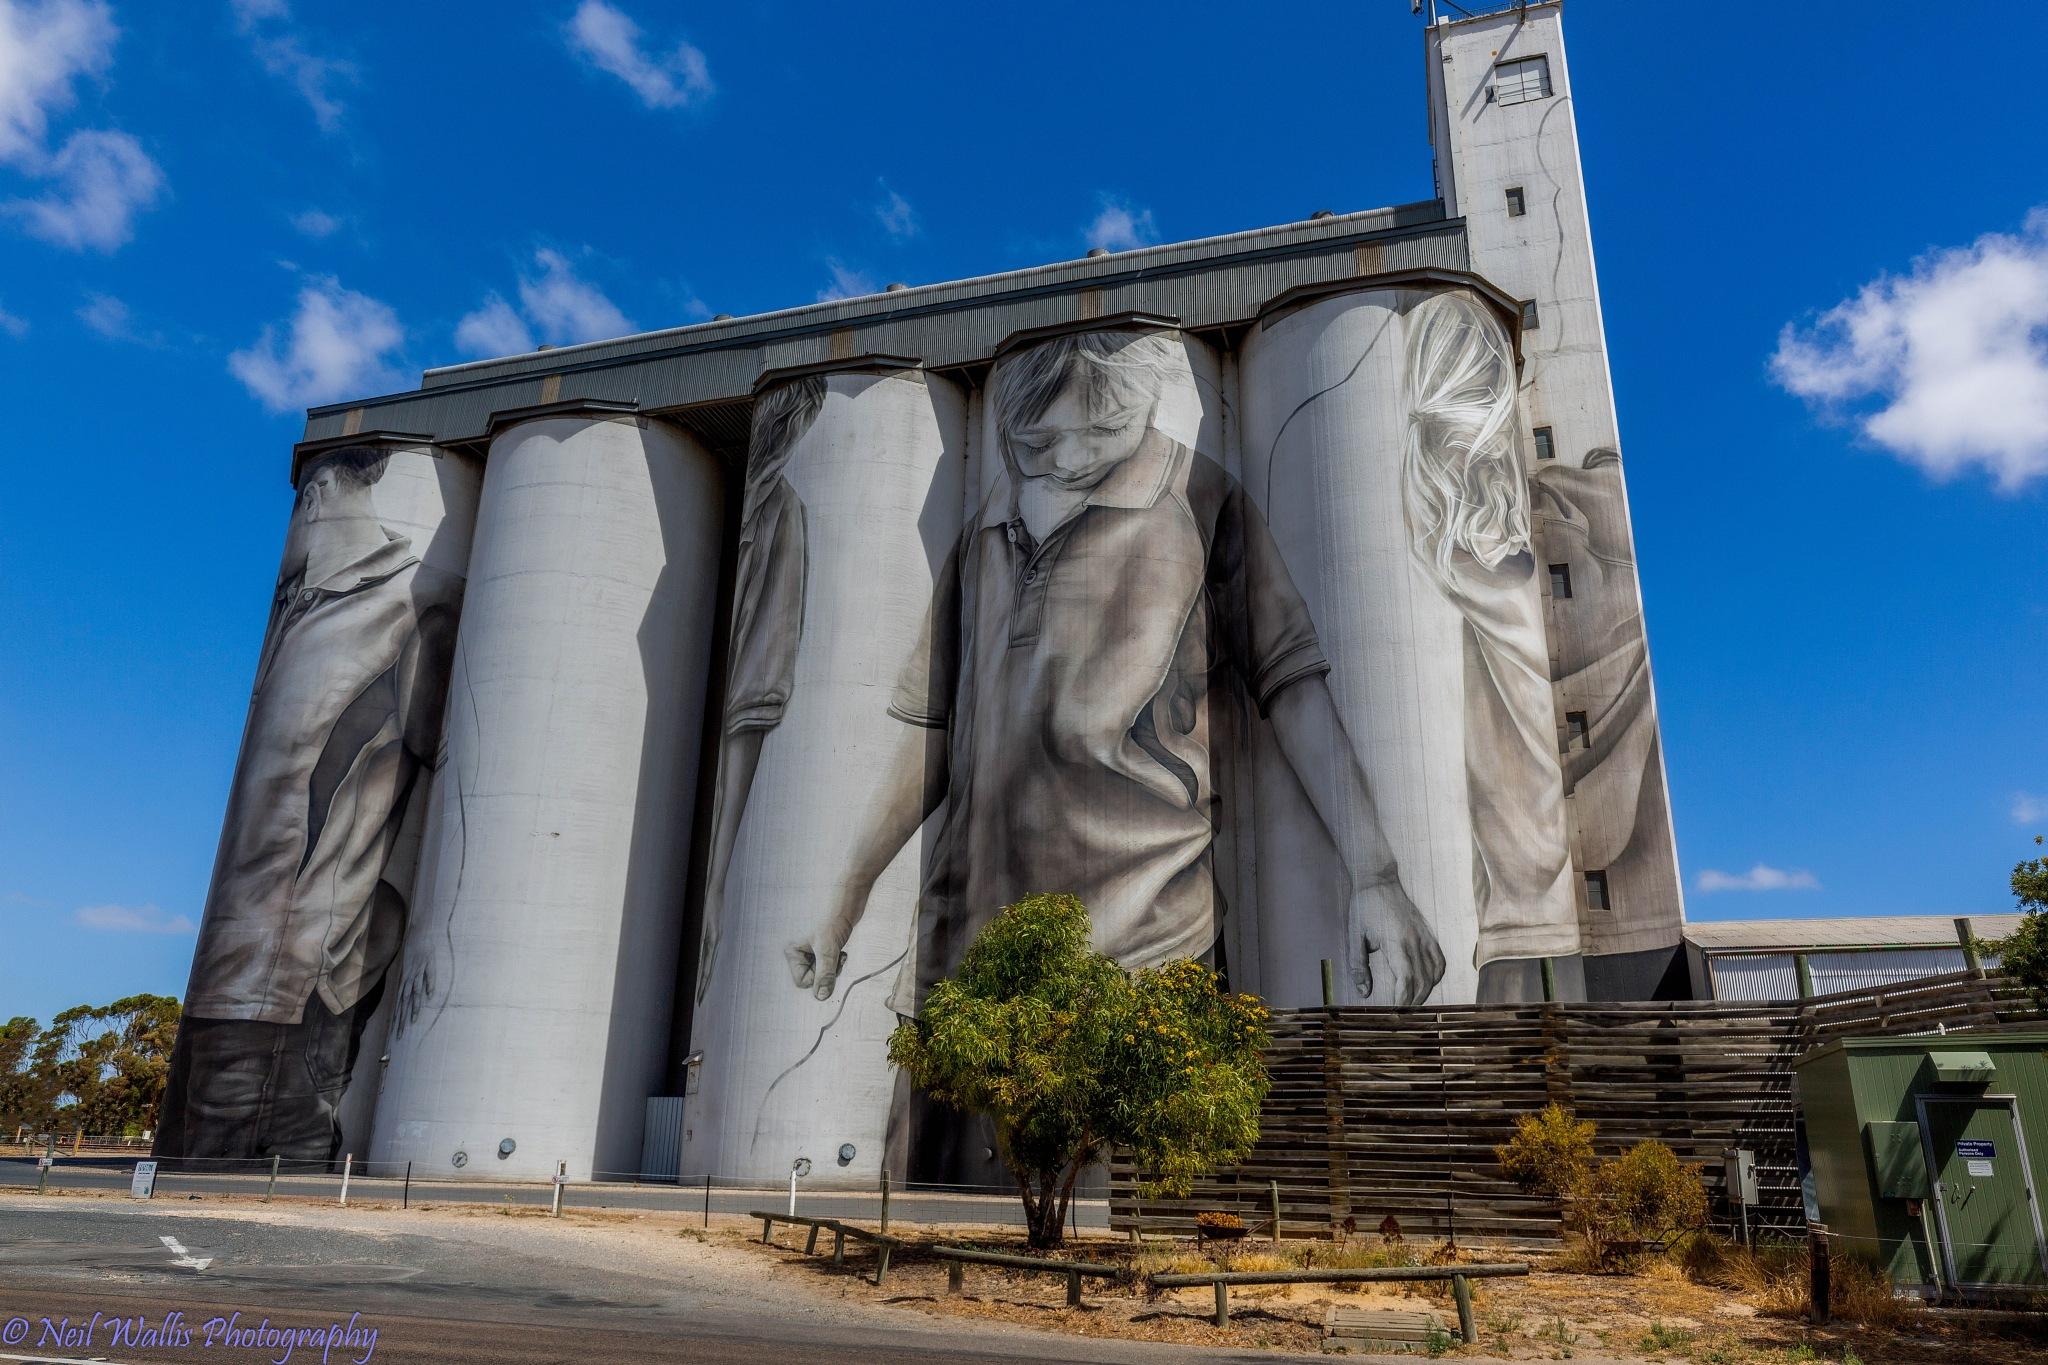 Coonalpyn Wheat Silo Art by Neil Wallis